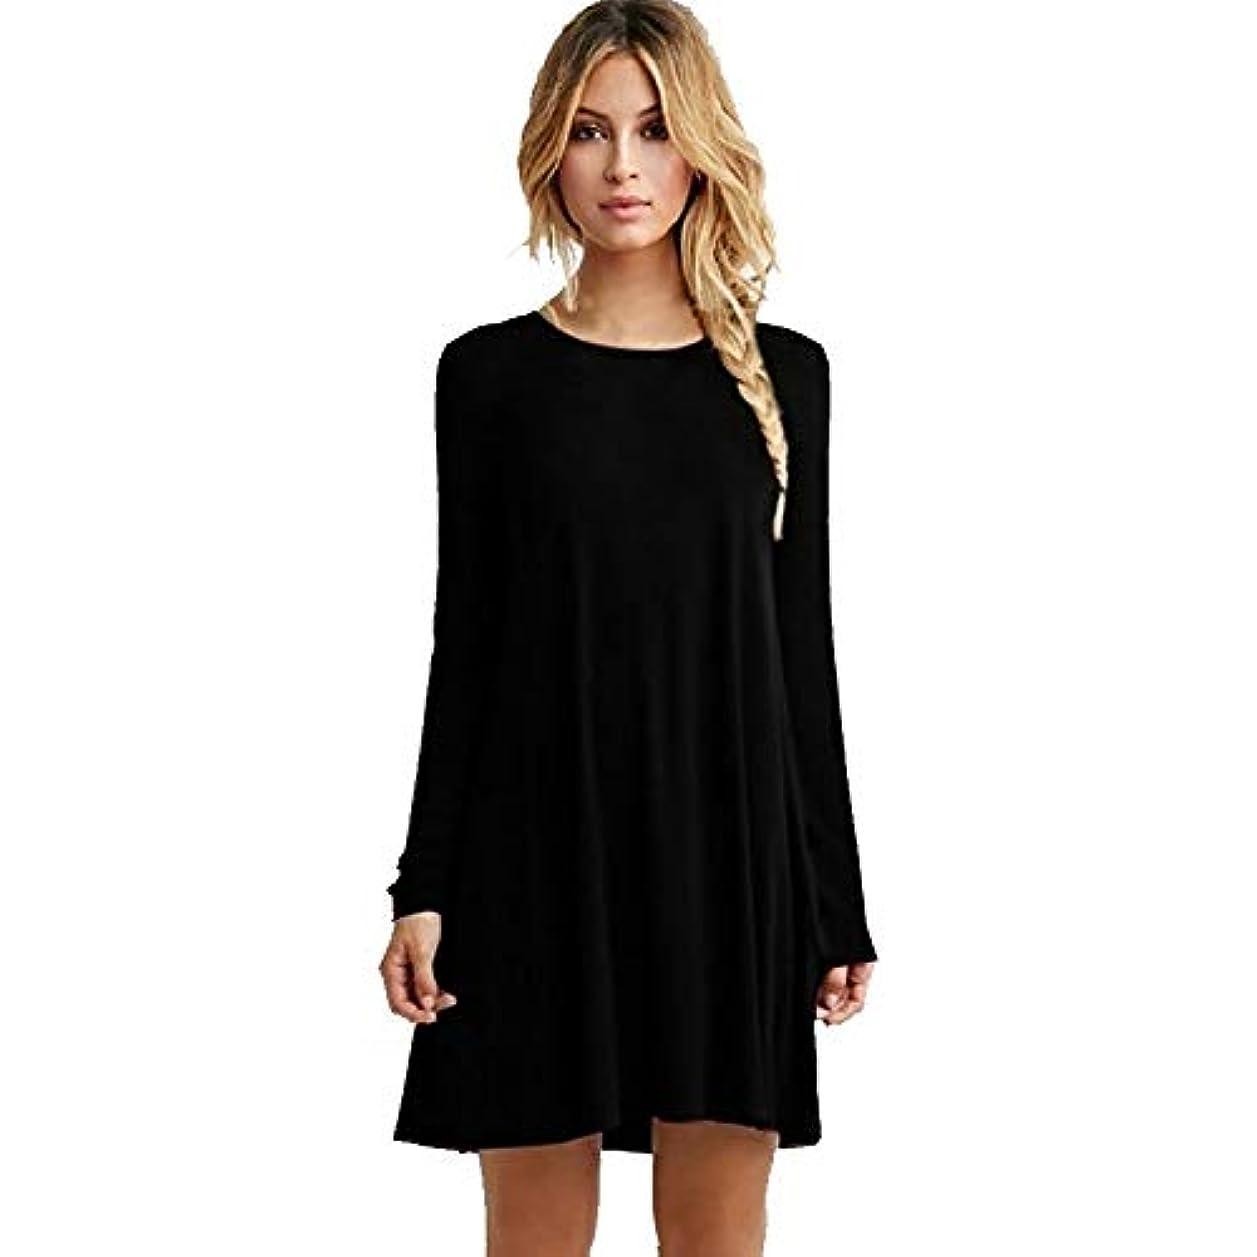 残忍なぎこちないバットMIFANルースドレス、プラスサイズのドレス、長袖のドレス、女性のドレス、秋のドレス、マキシドレス、コットンドレス